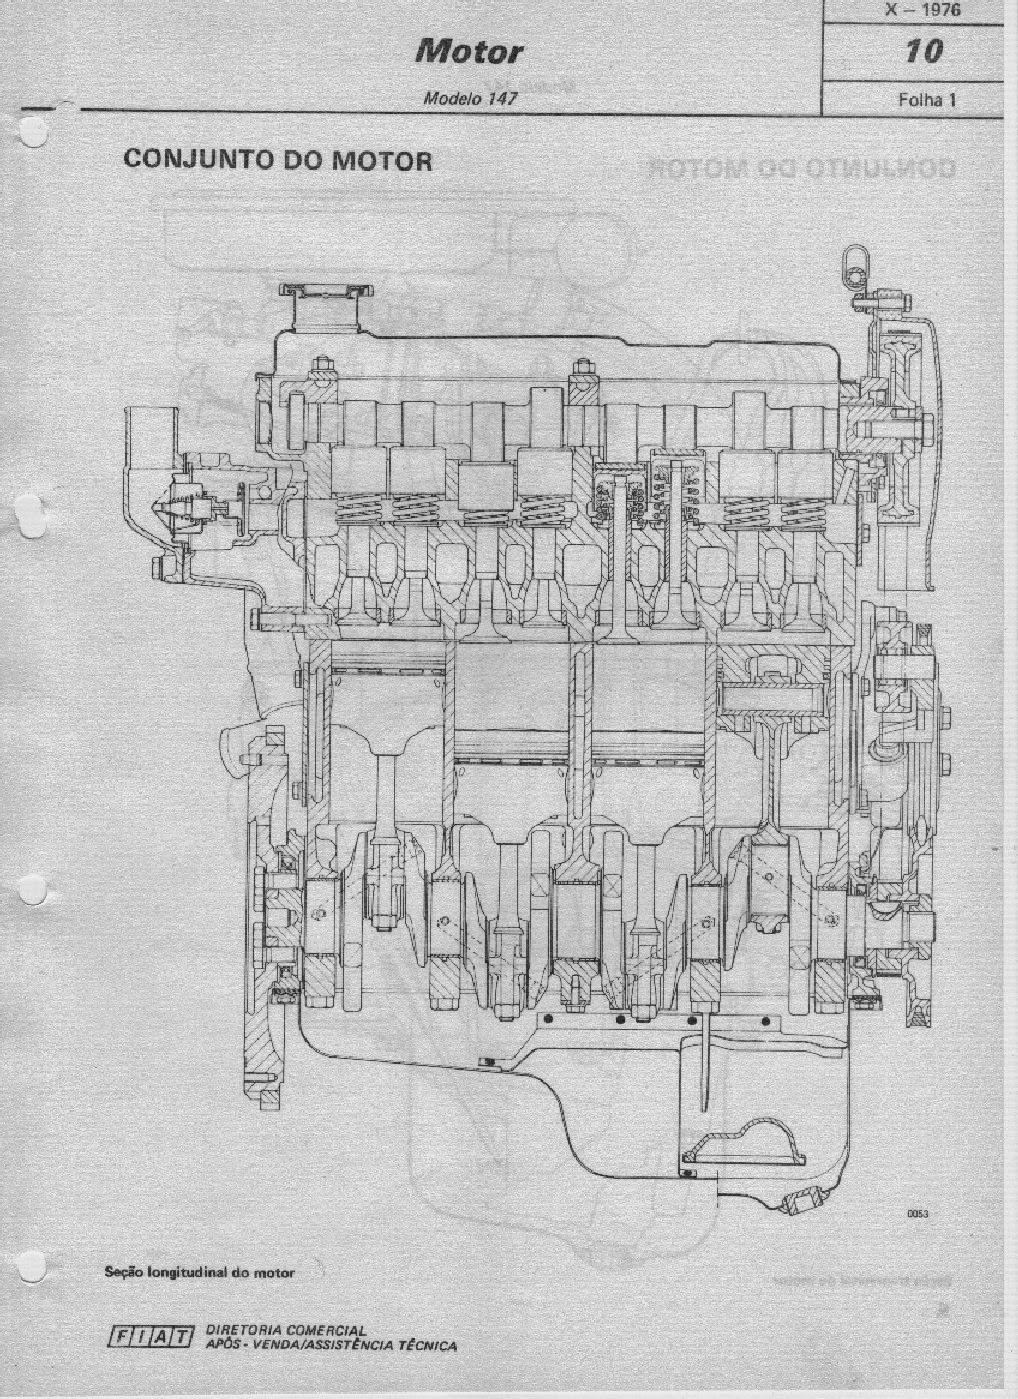 MANUAIS DO PROPRIETÁRIO GRÁTIS: Manual de reparação FIAT 147